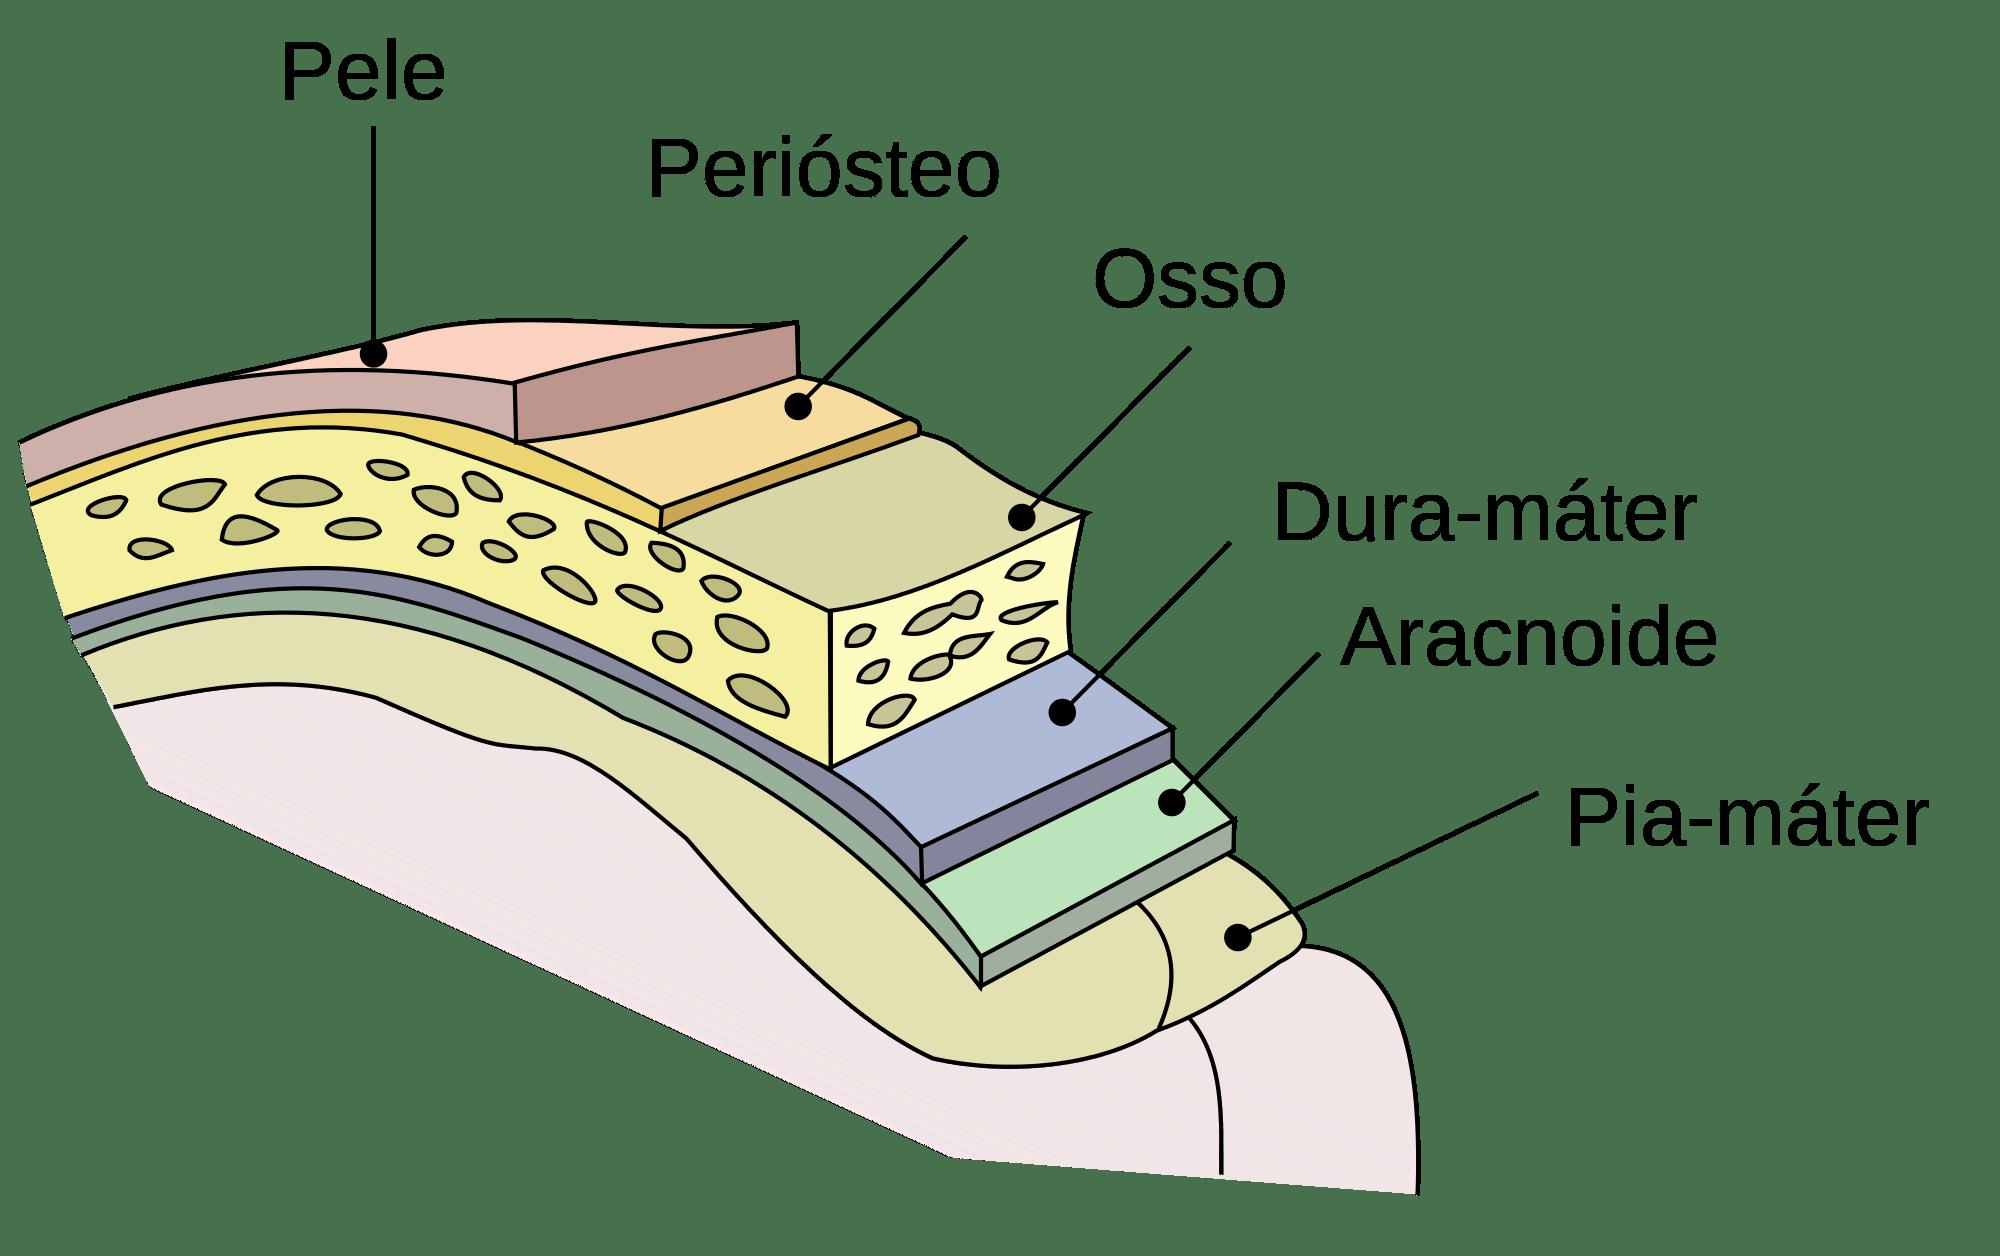 fetal pig nervous system diagram www philips com advance wiring a neuroanatomia do revestimento cerebral